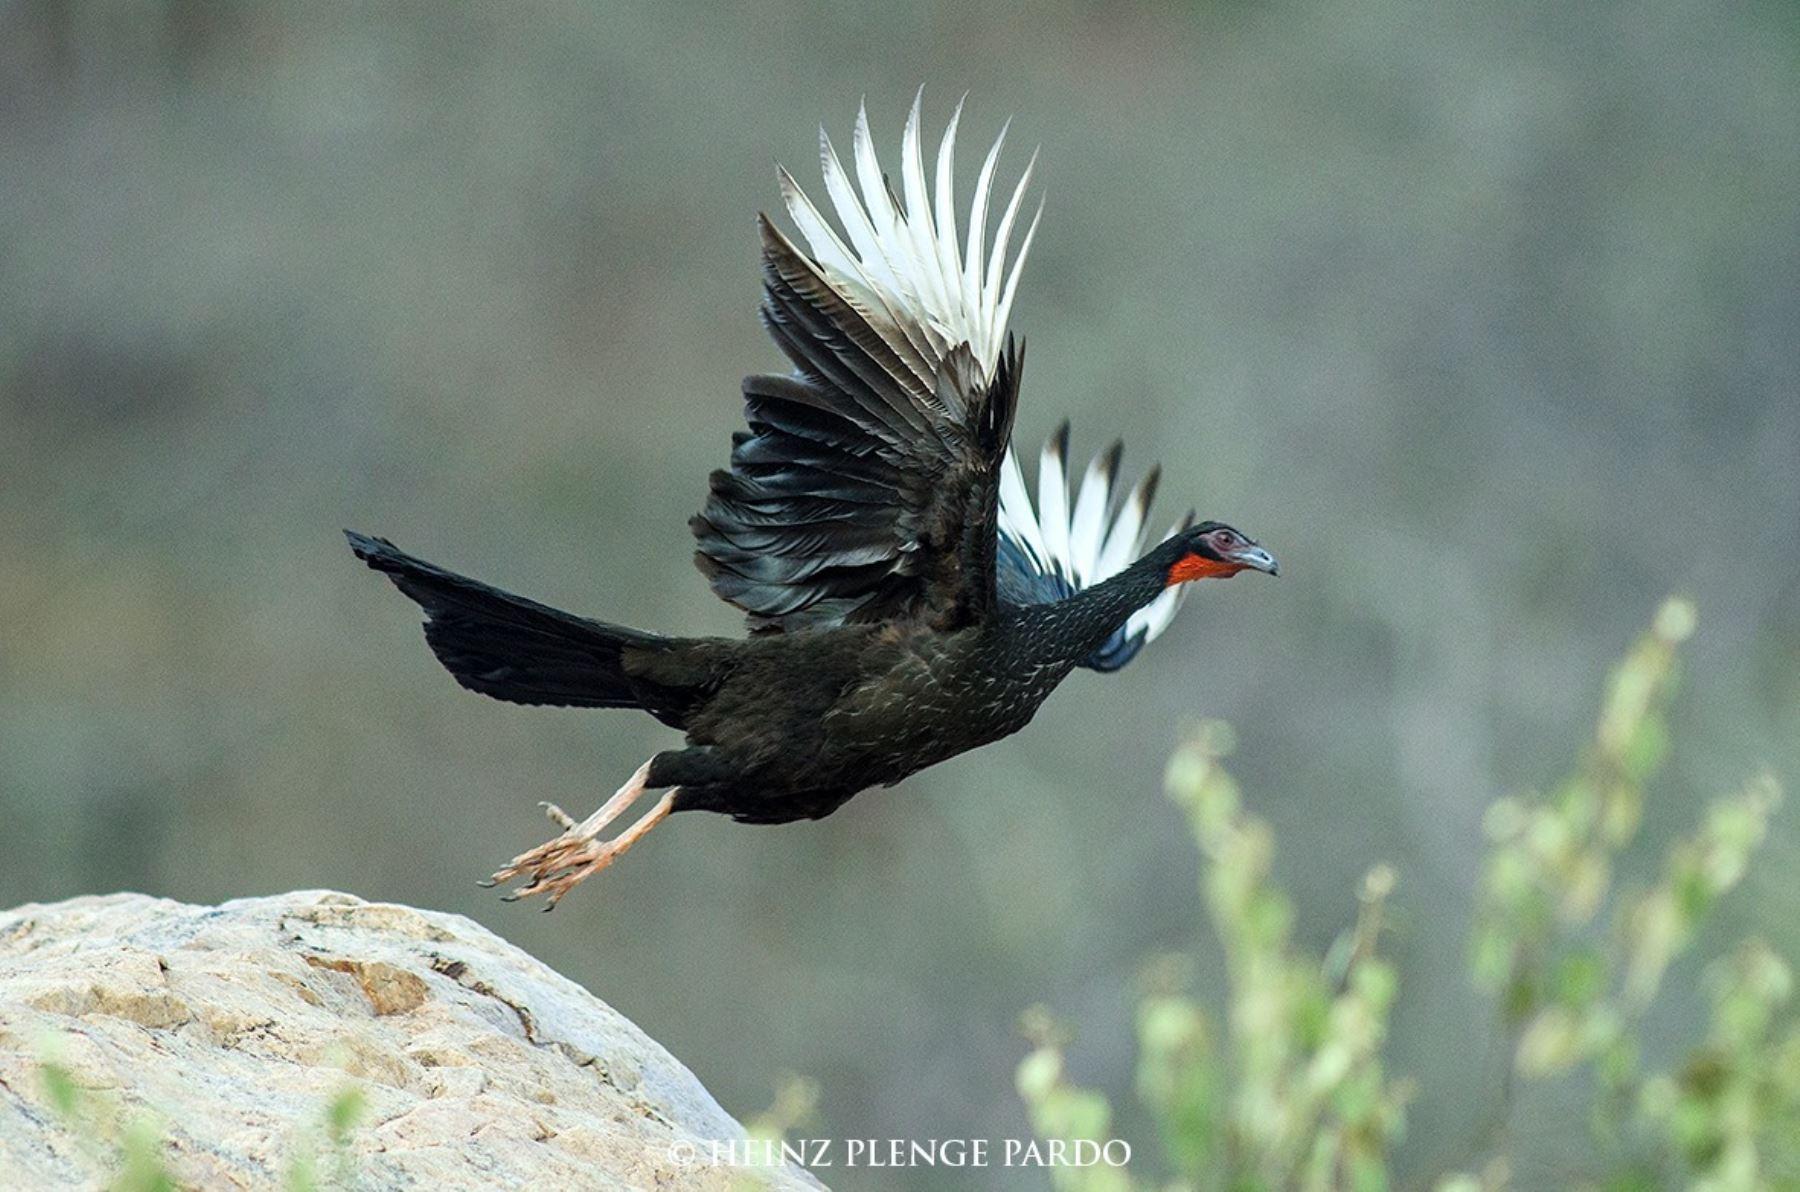 Reserva Ecológica Chaparrí: el destino de moda para los observadores de aves